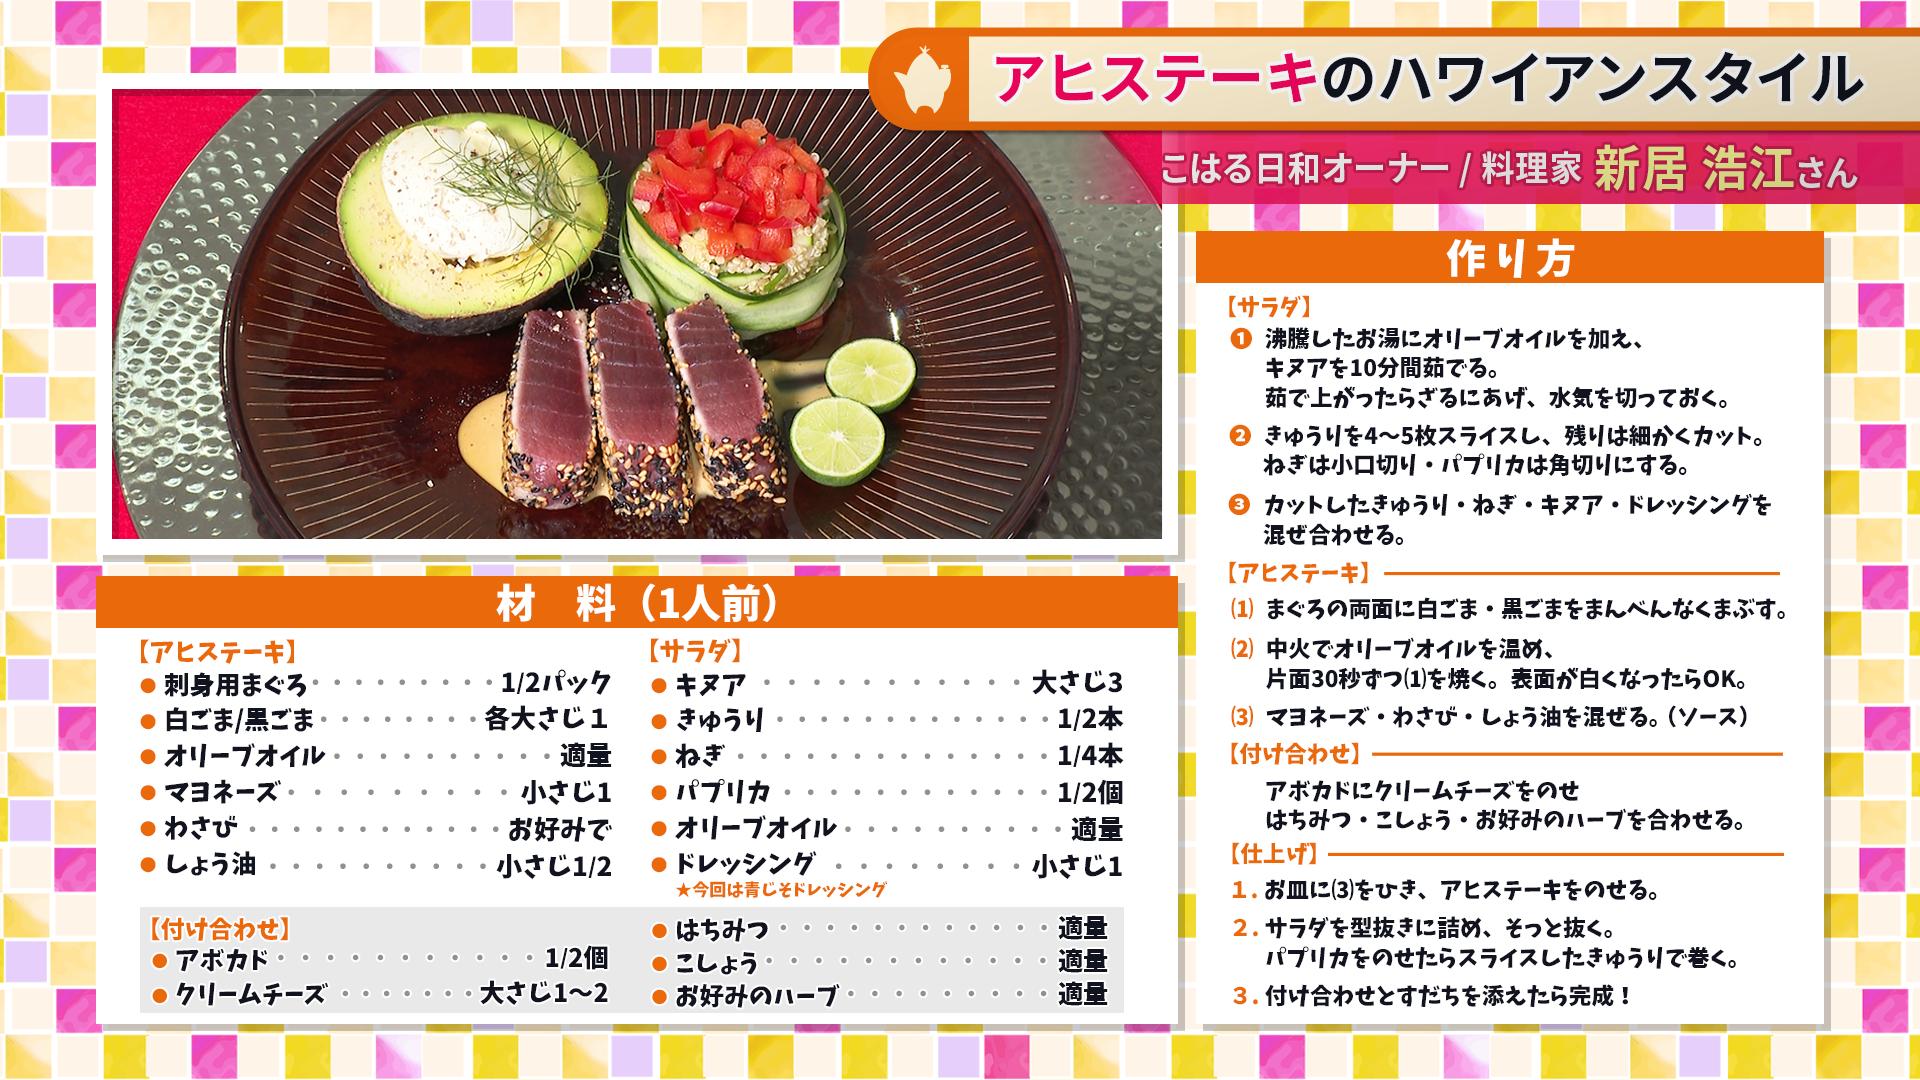 たけナビ『アヒステーキのハワイアンスタイル』レシピ(9/1初回放送)